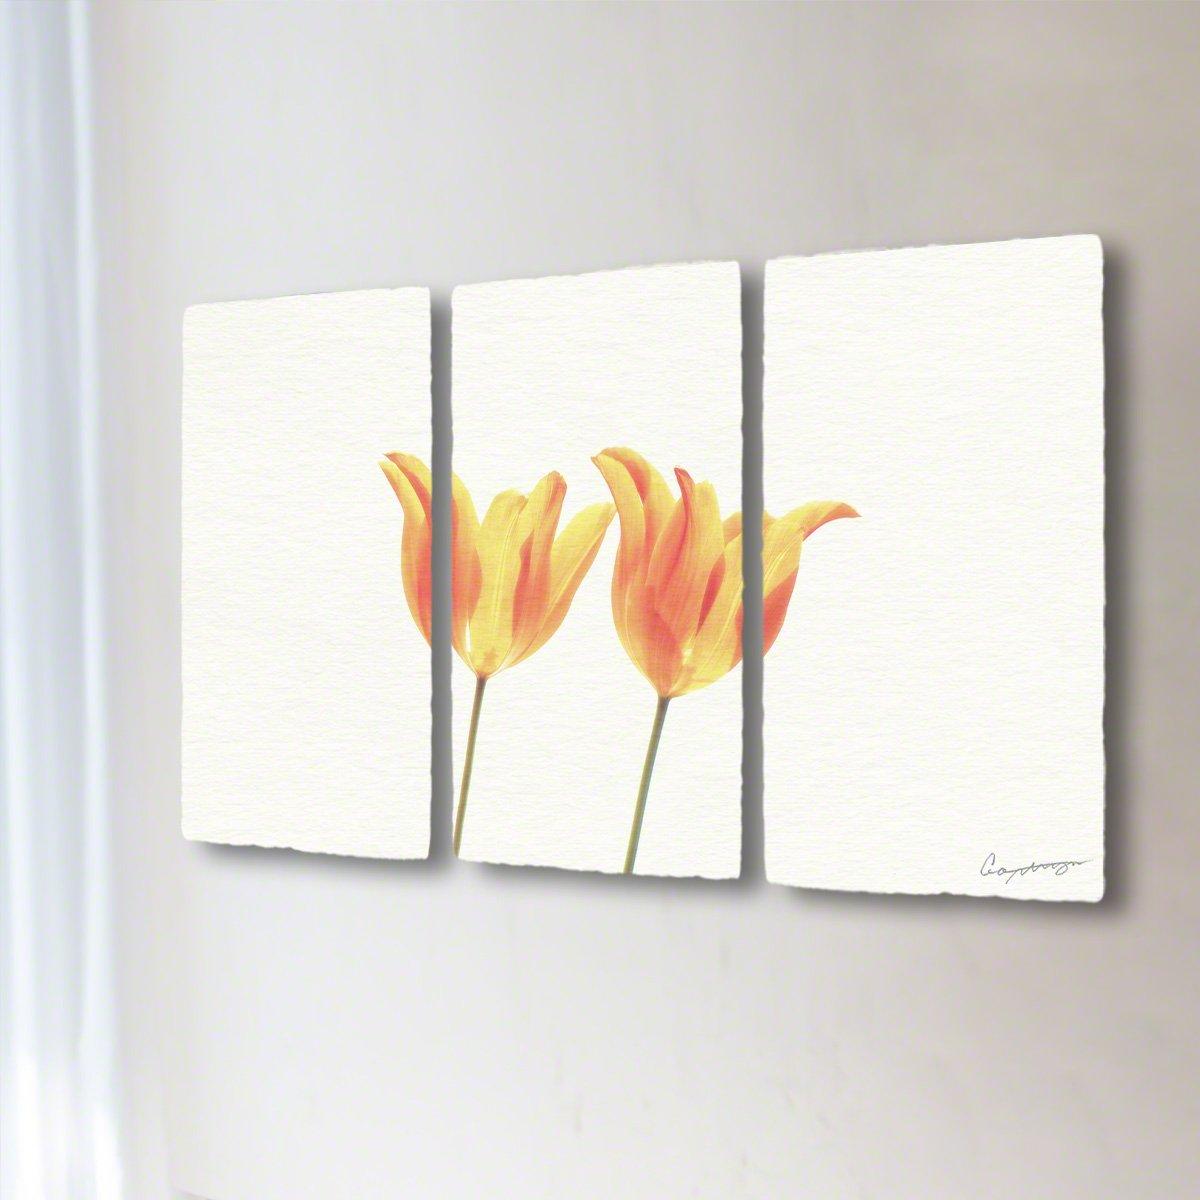 和紙 アートパネル 3枚 続き 「透けるオレンジ色のチューリップ」 (96x54cm) 花 絵 絵画 壁掛け 壁飾り インテリア アート B07BGTR4QW 34.アートパネル3枚続き(長辺96cm) 98000円|透けるオレンジ色のチューリップ 透けるオレンジ色のチューリップ 34.アートパネル3枚続き(長辺96cm) 98000円